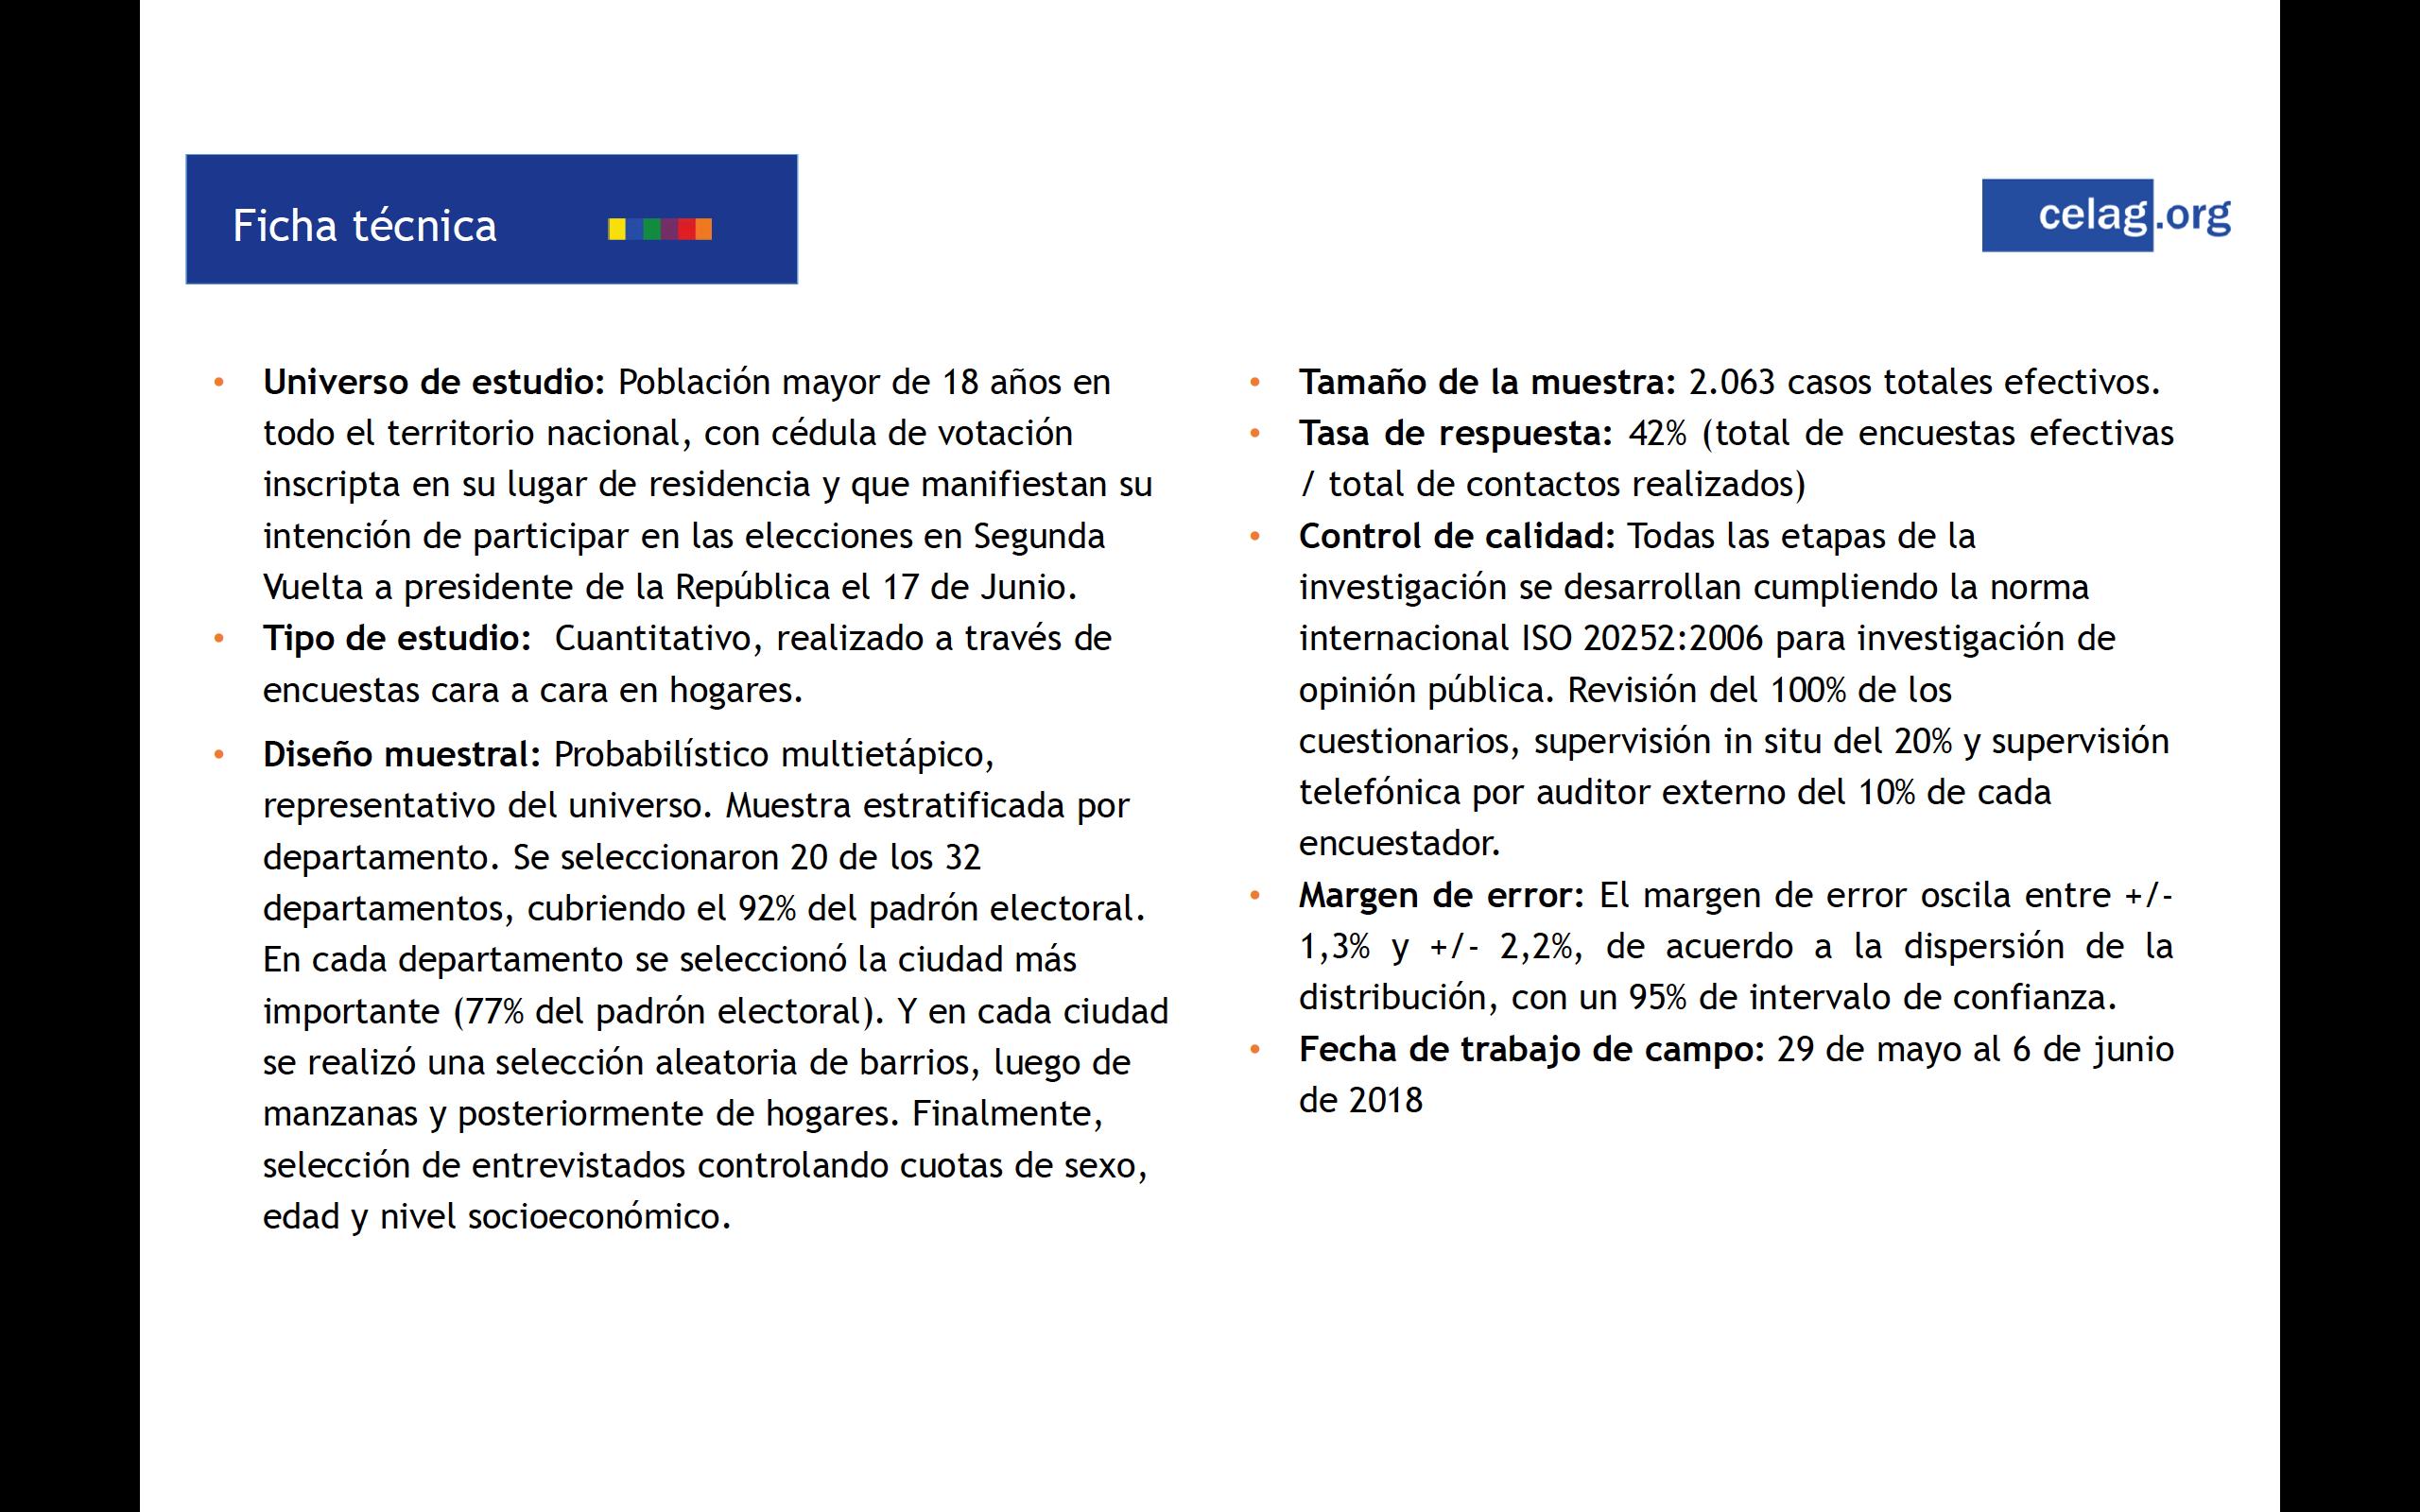 Ficha tecnica Colombia